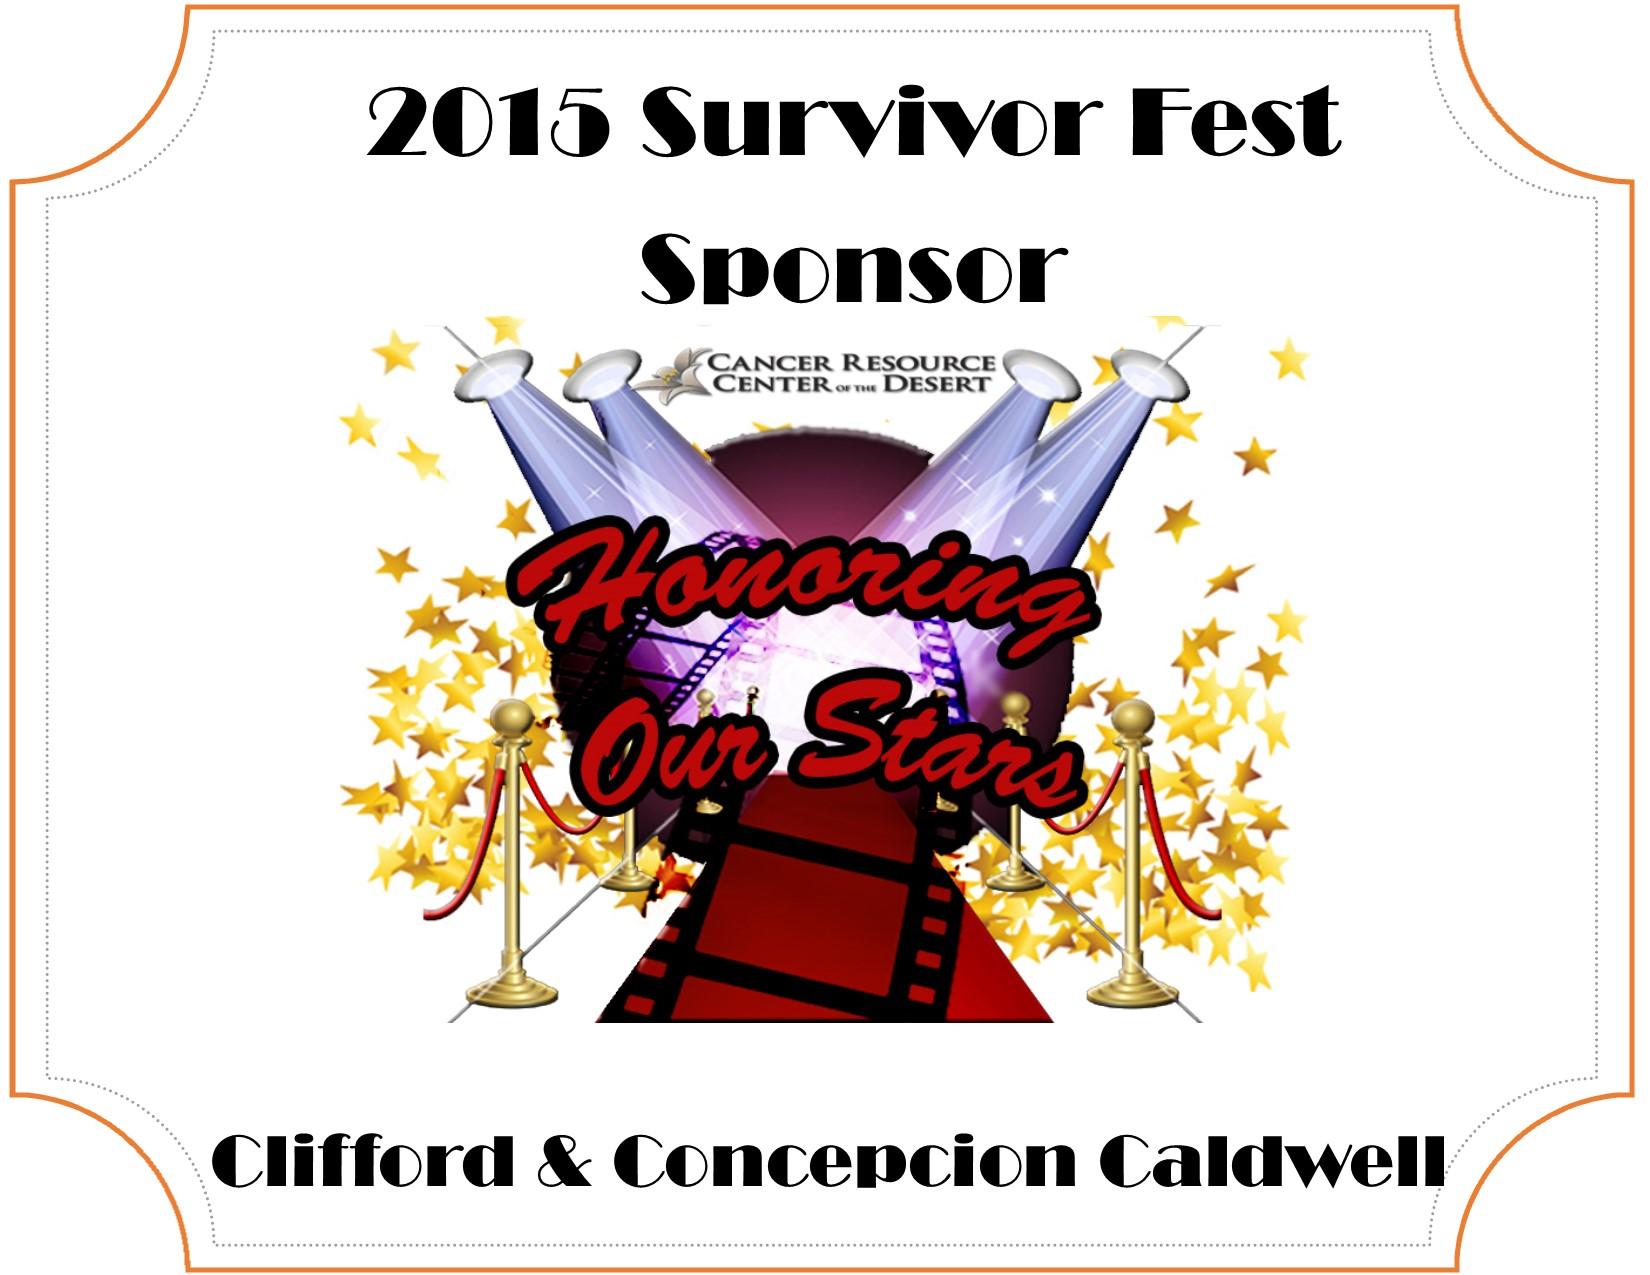 Caldwell website.jpg